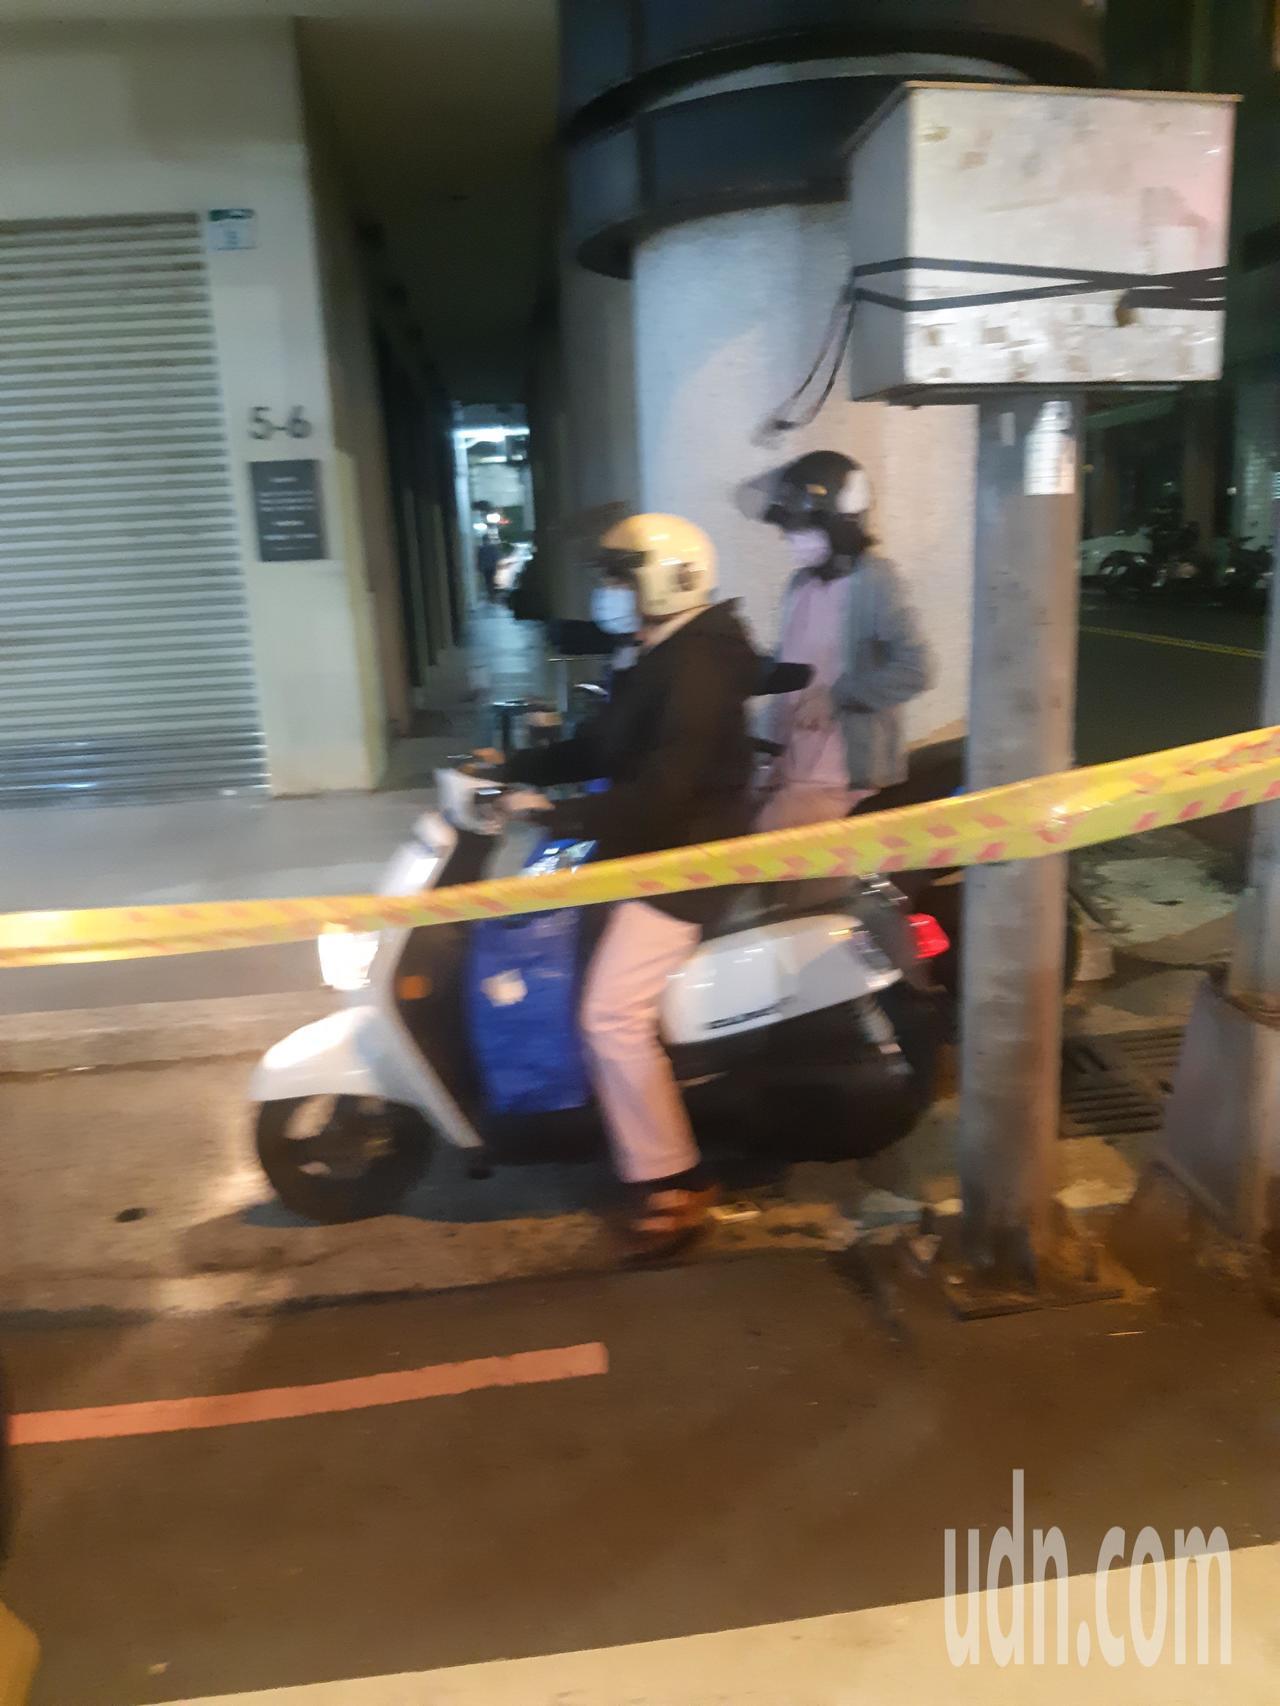 刚下班的牙医诊所护士赶紧骑车驶离封锁区域。记者赖郁薇/摄影